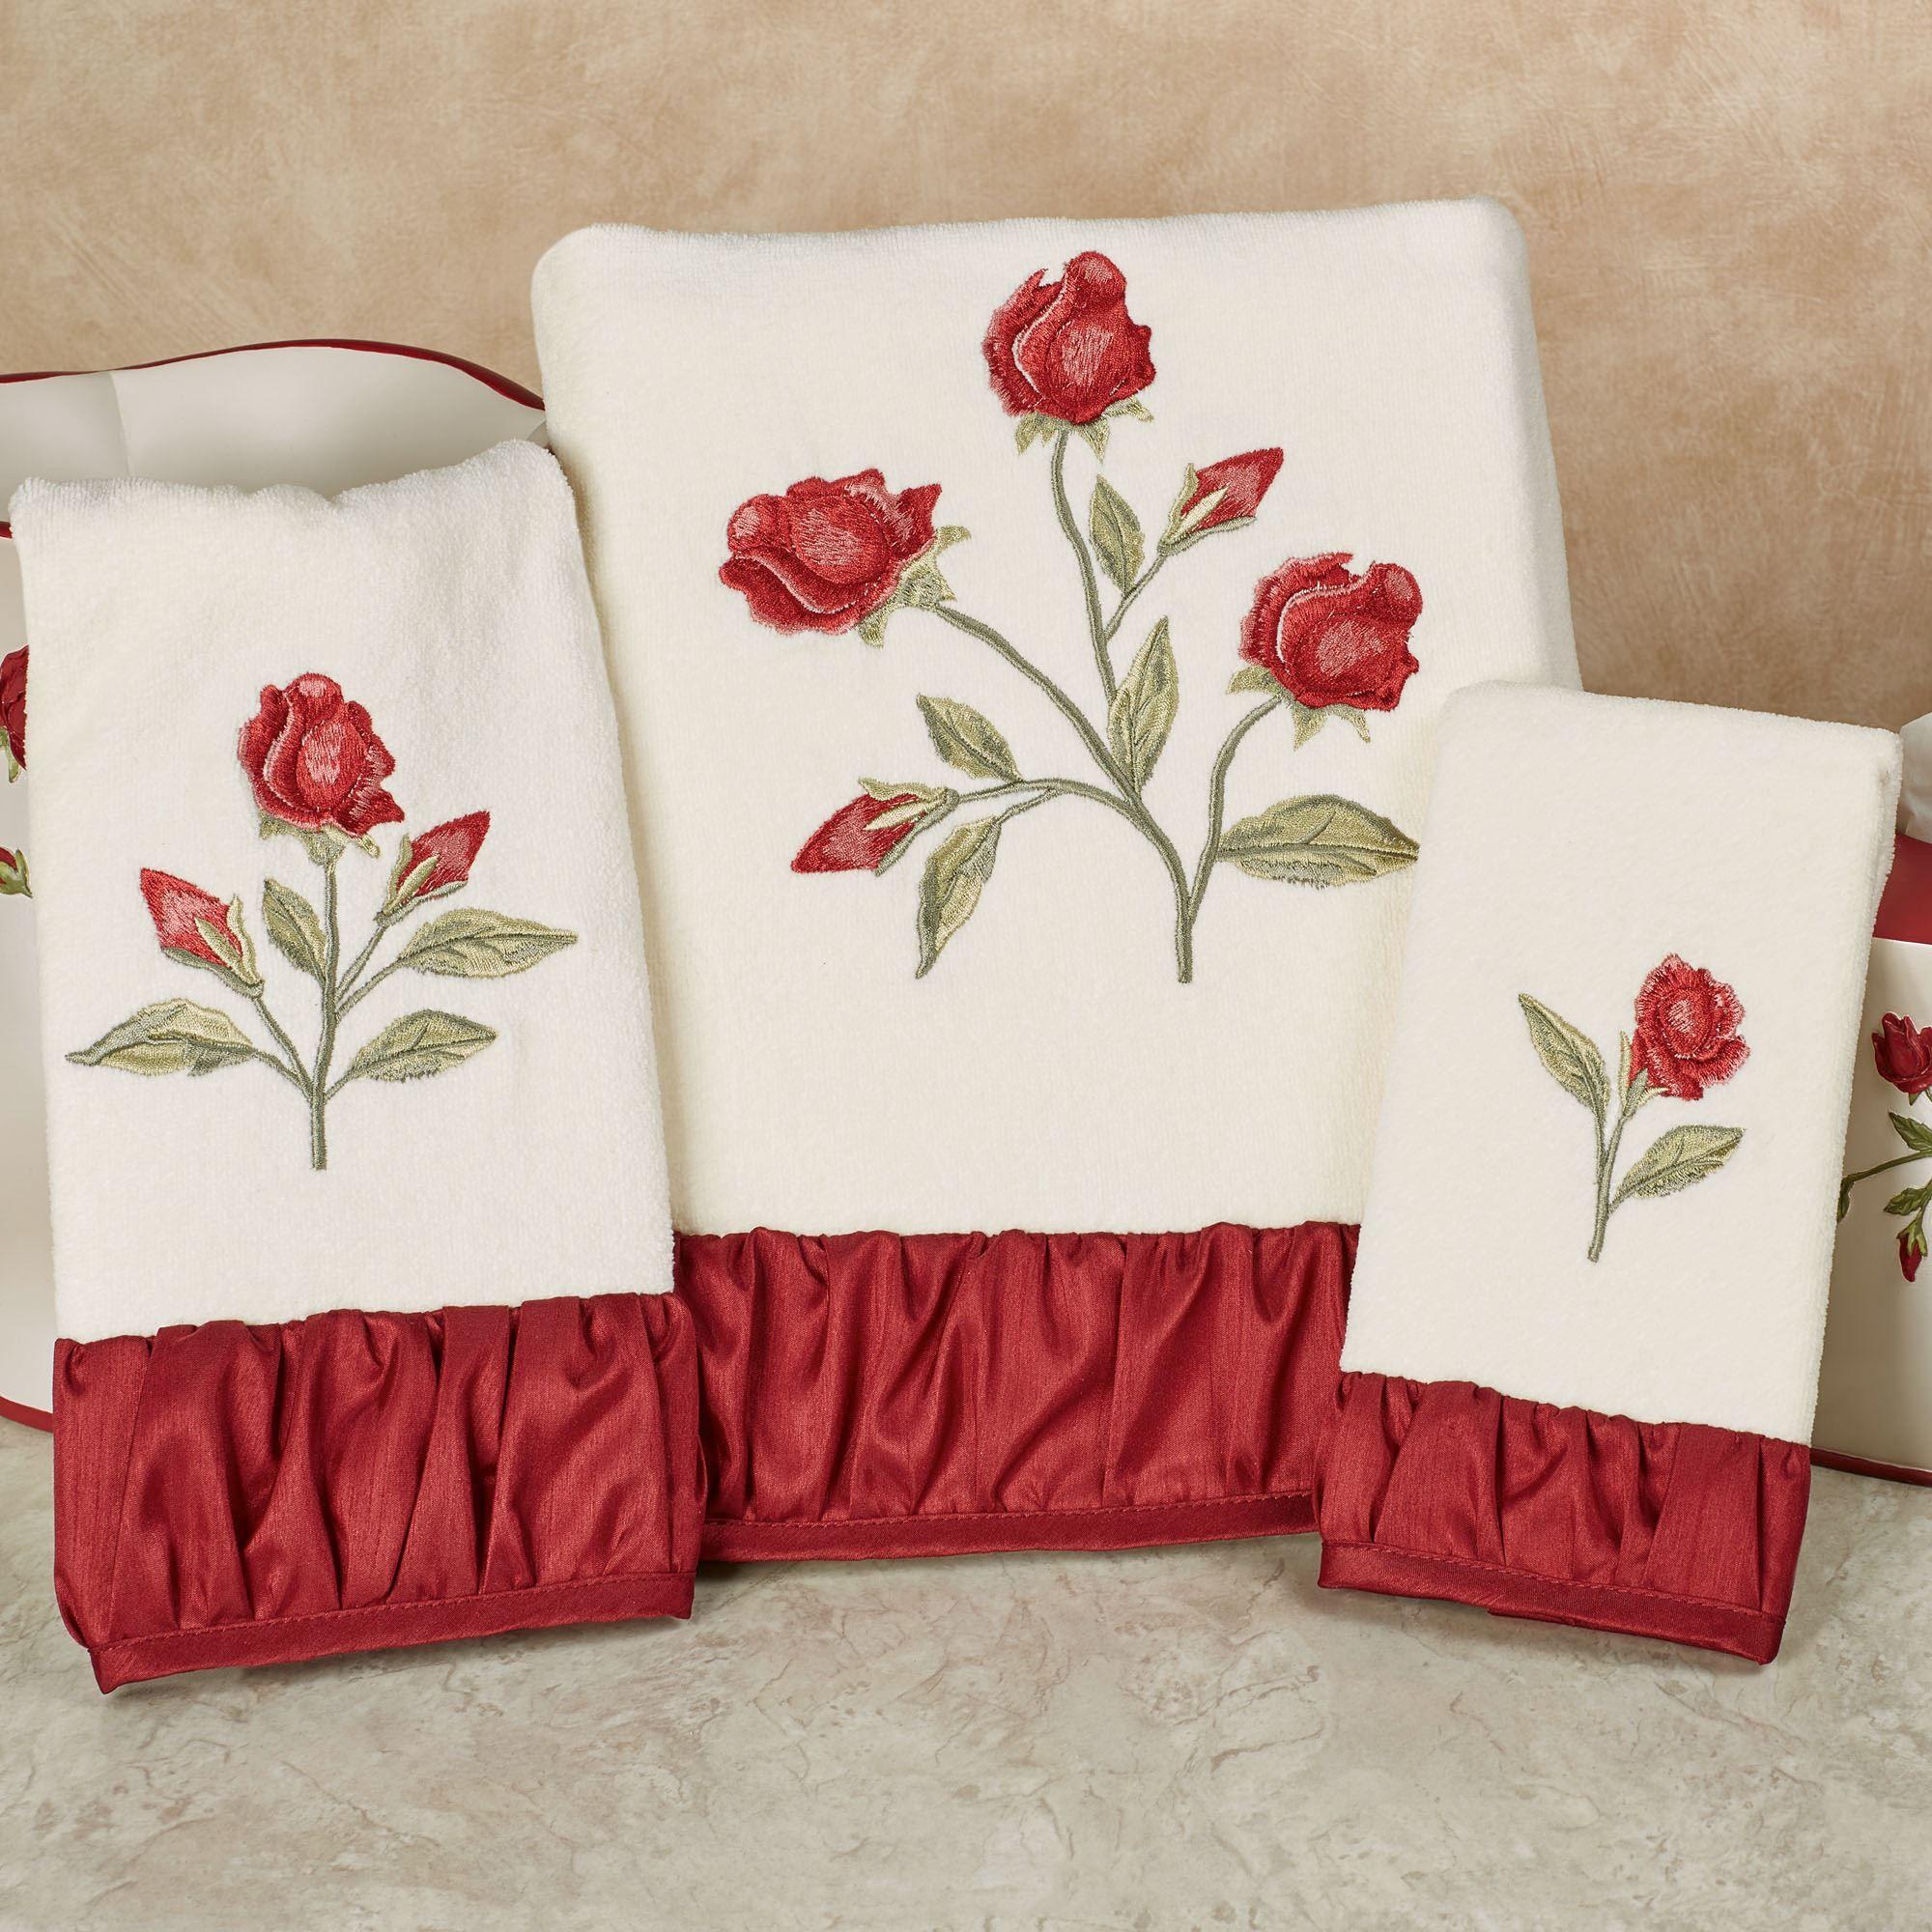 Briar Rose Embroidered Red Floral Bath Towel Set Floral Bath